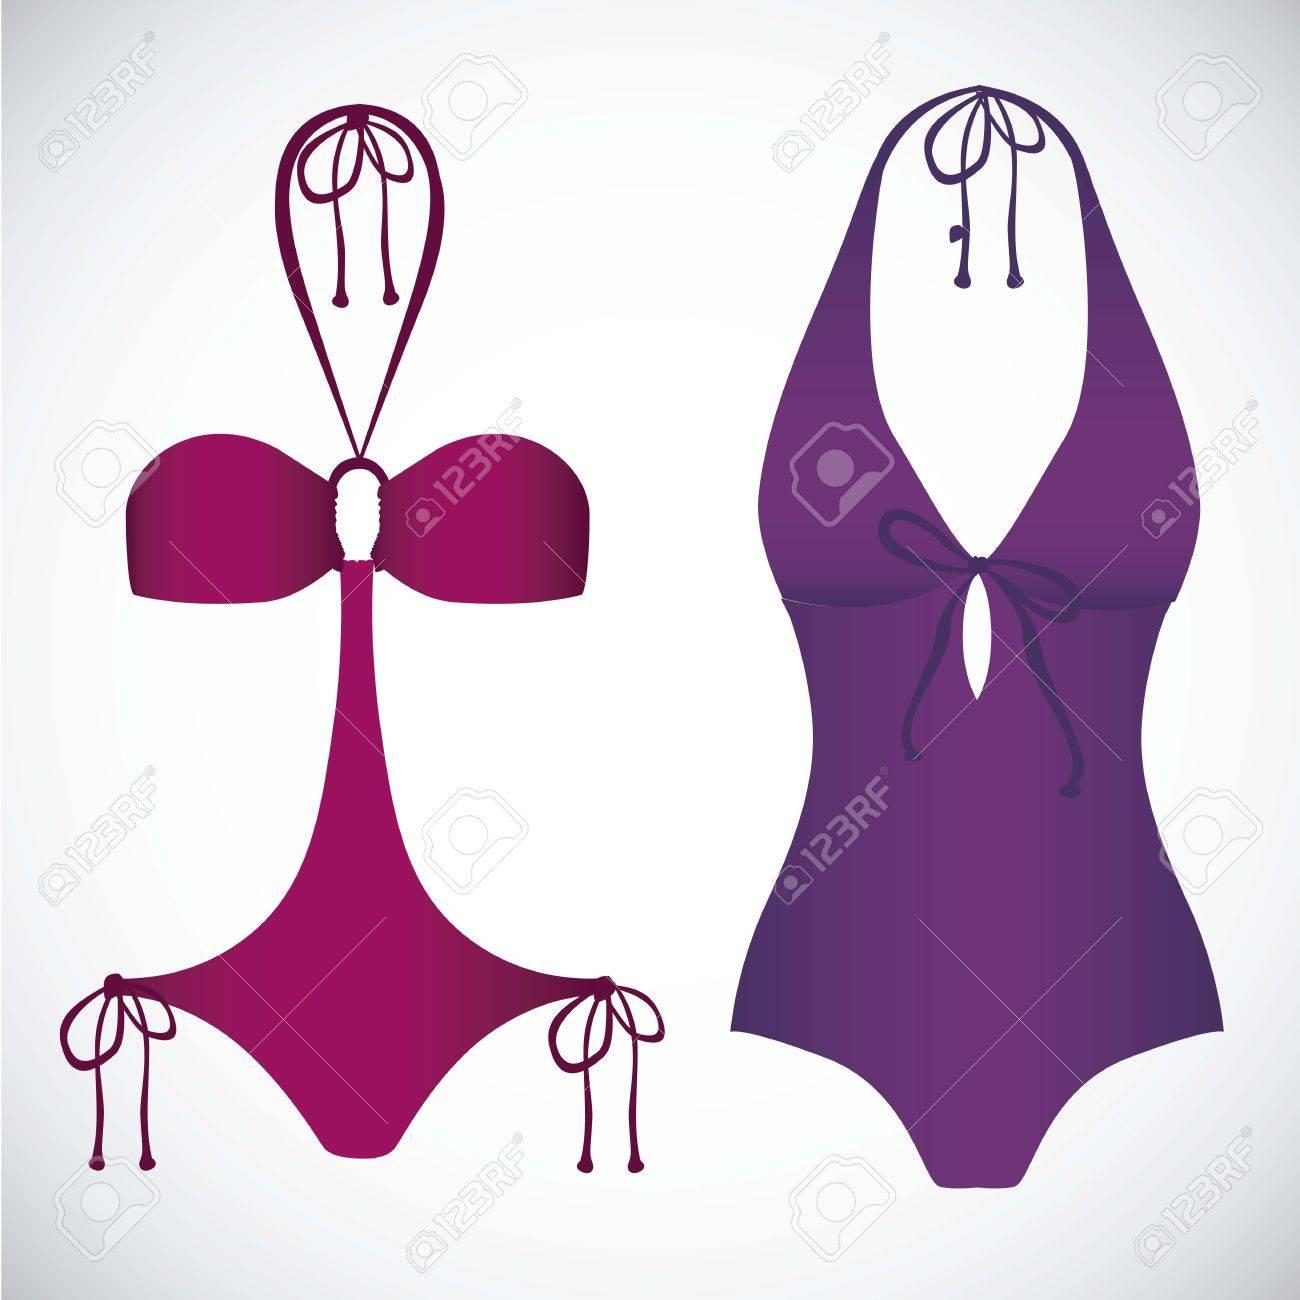 c1e29c75a26 Foto de archivo - Ilustración de los iconos del bikini. Traje de baño de  una sola pieza ilustración